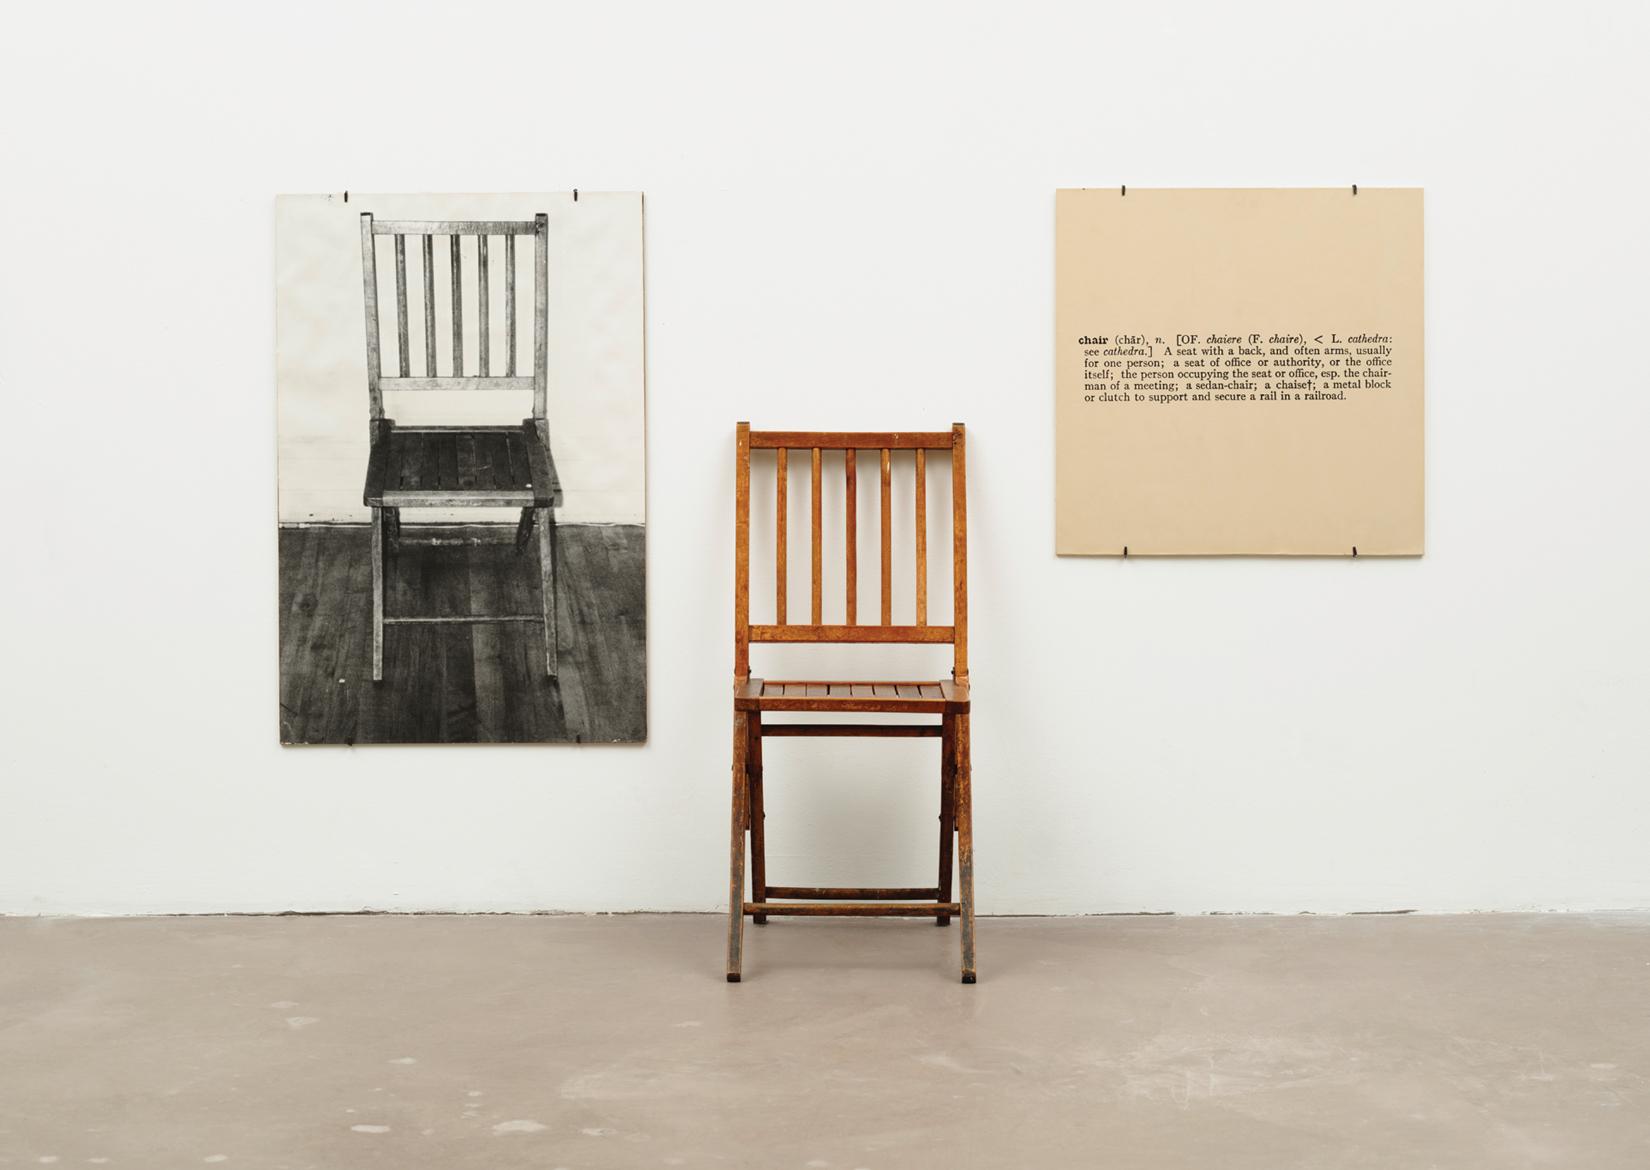 Joseph Kosuth One and Three Chairs (1965)